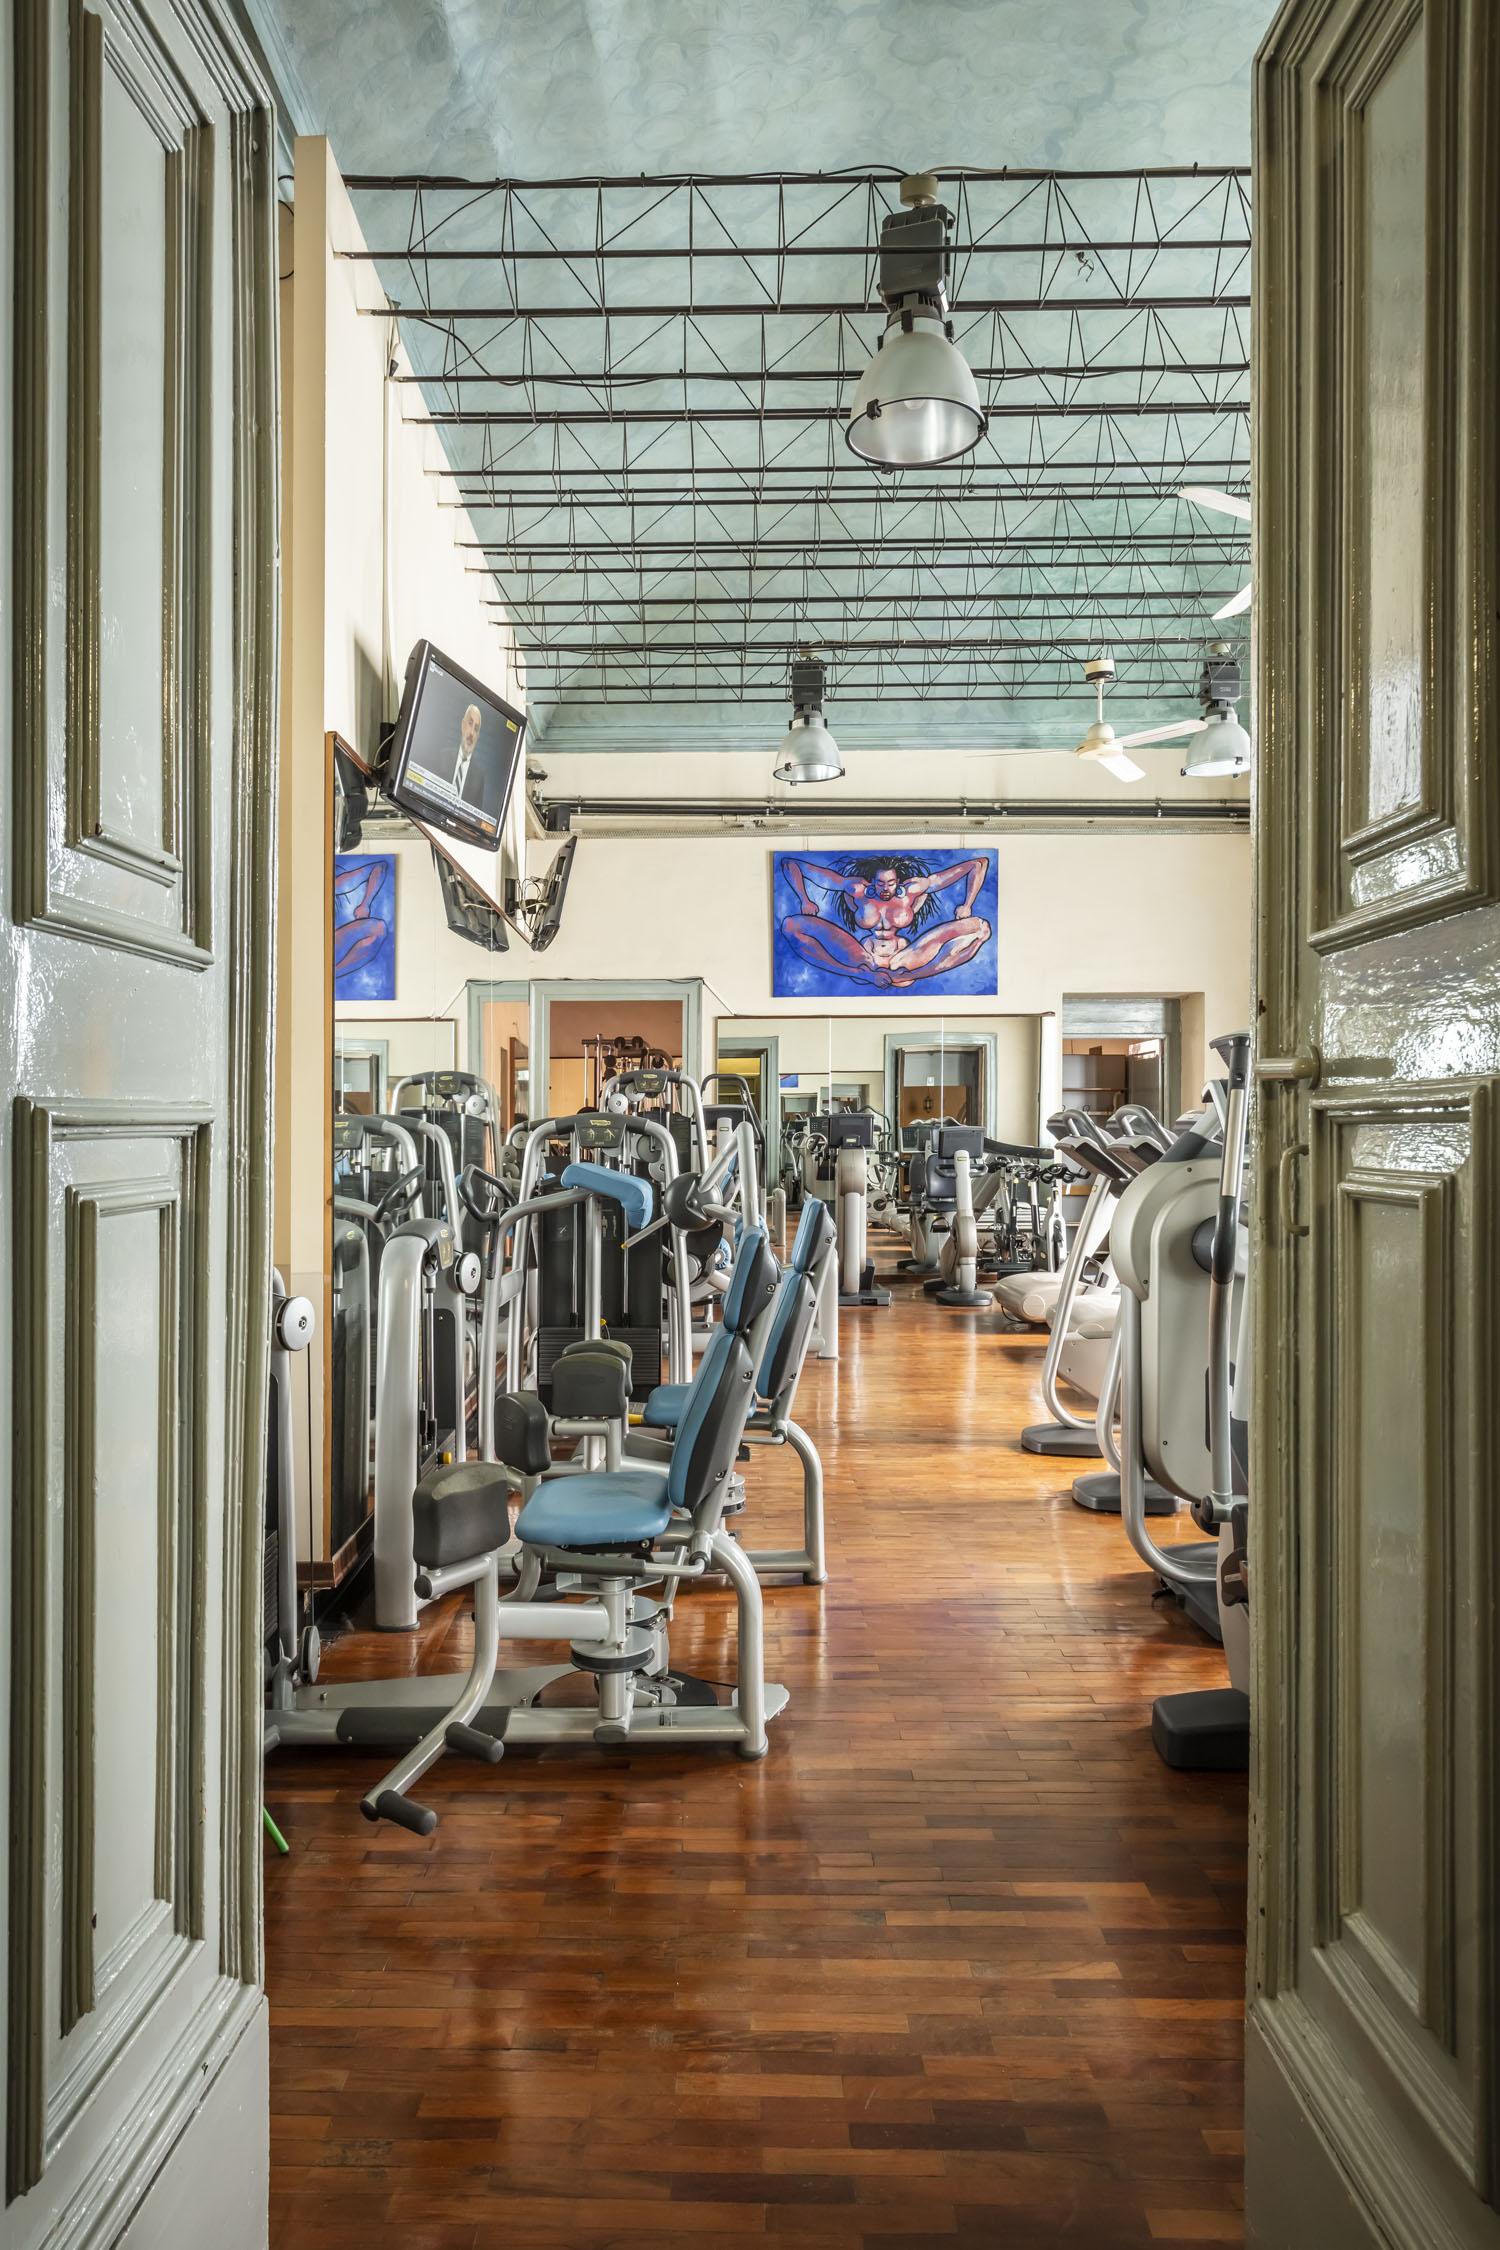 Entra a FisiLabor, potrai allenarti con le macchine di ultima generazione nella sala cardio-fitness